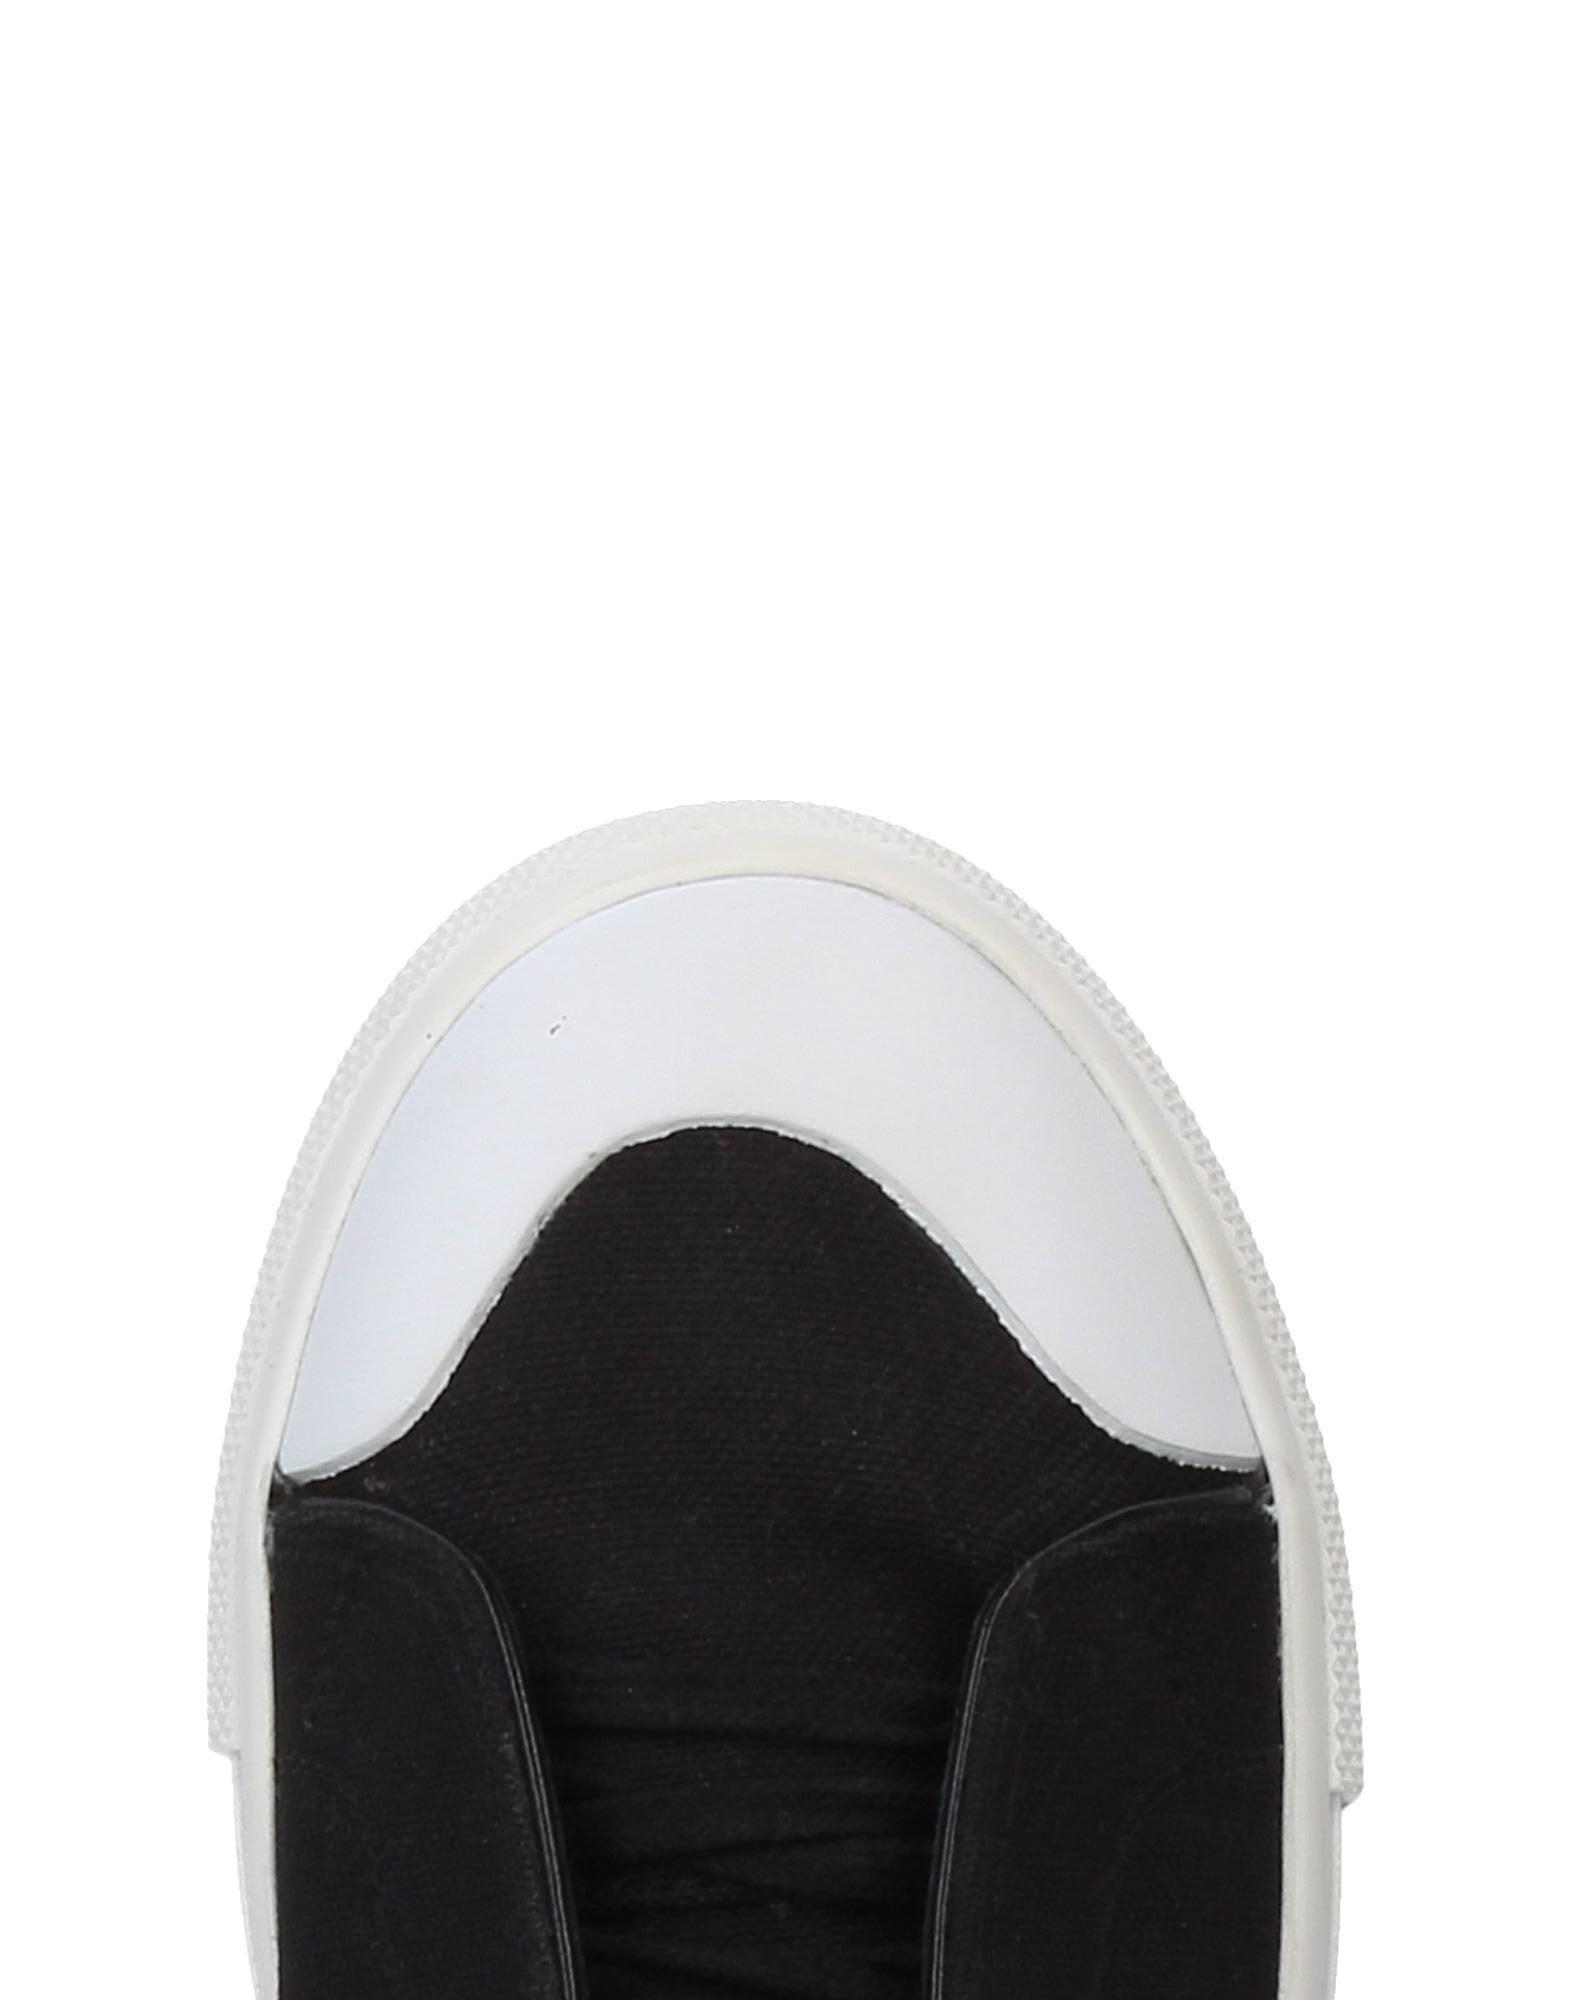 Alexander McQueen Canvas Low-tops & Sneakers in Black